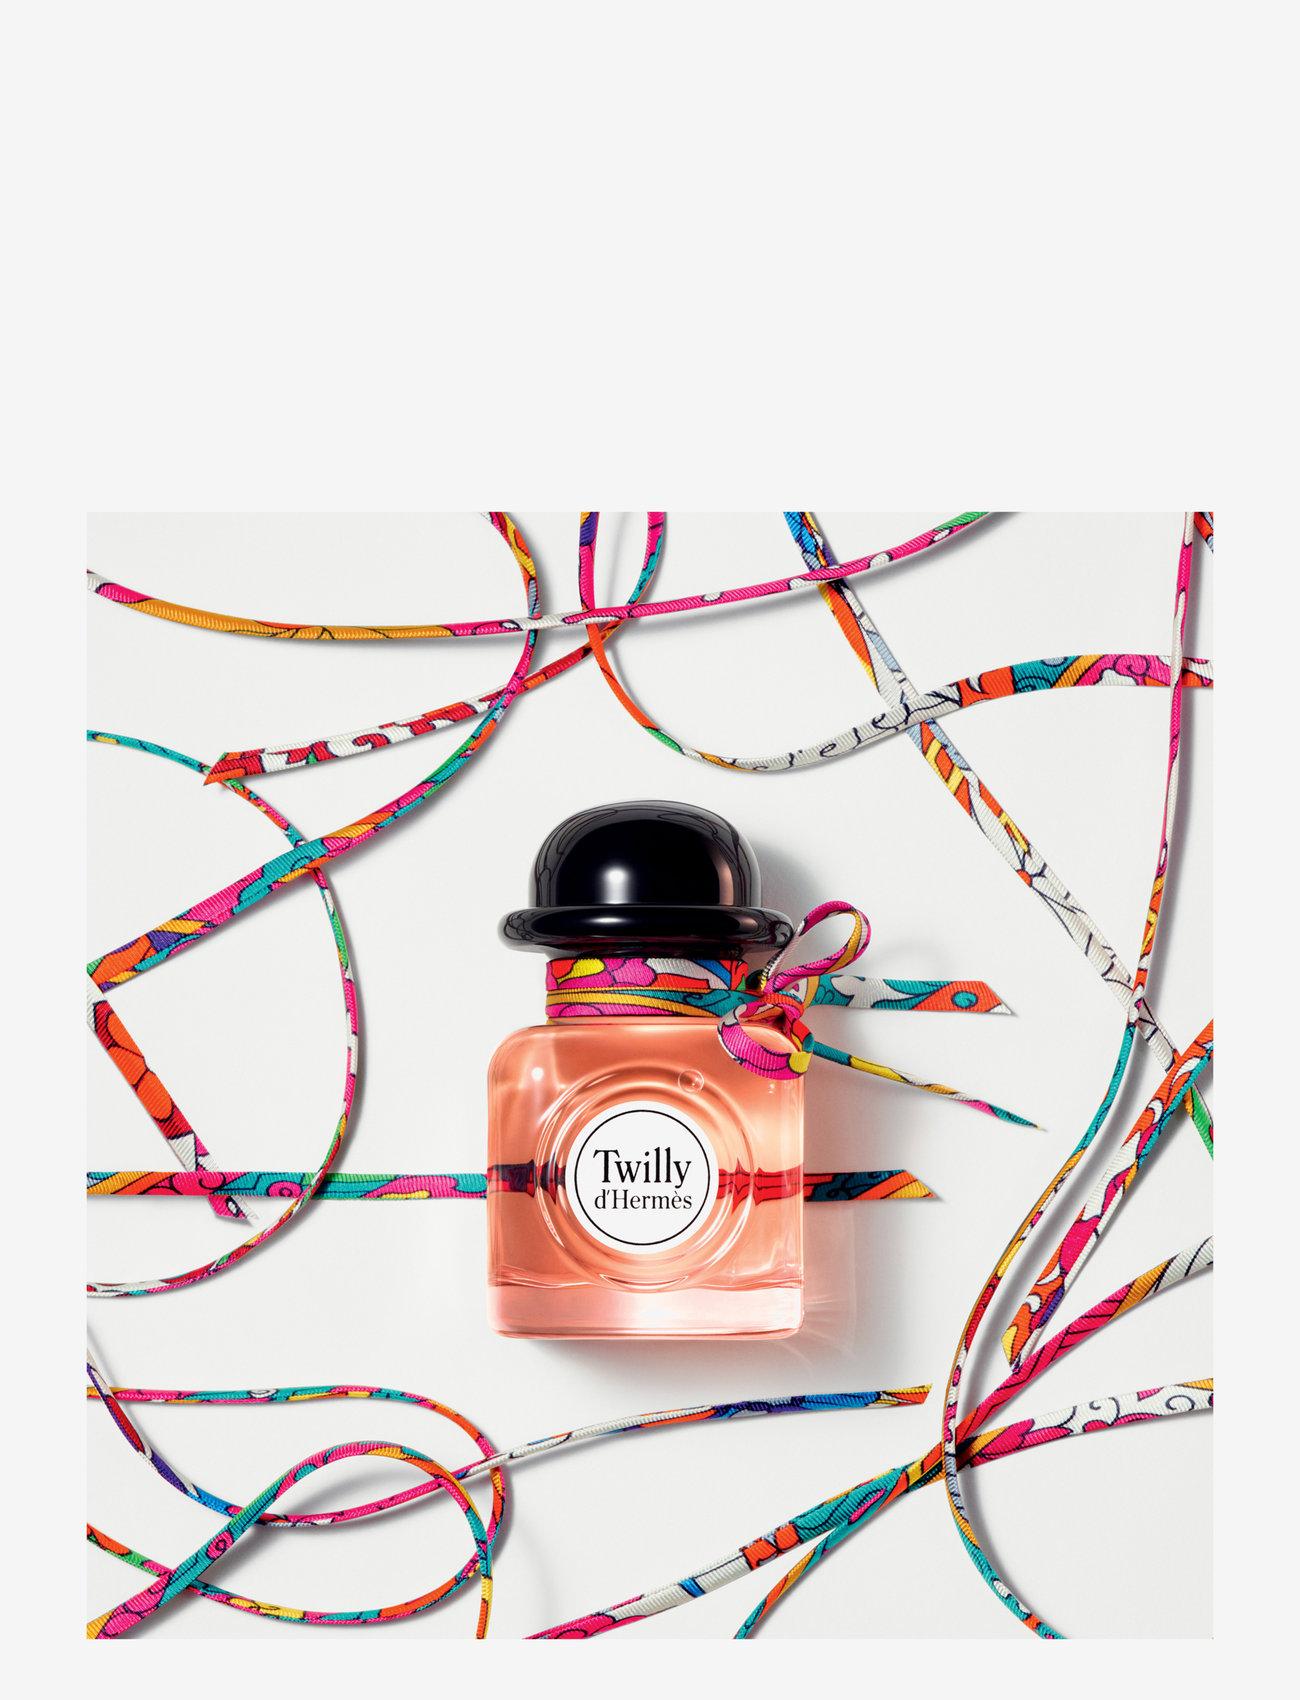 HERMÈS - Twilly d'Hermès, Eau de parfum - clear - 3